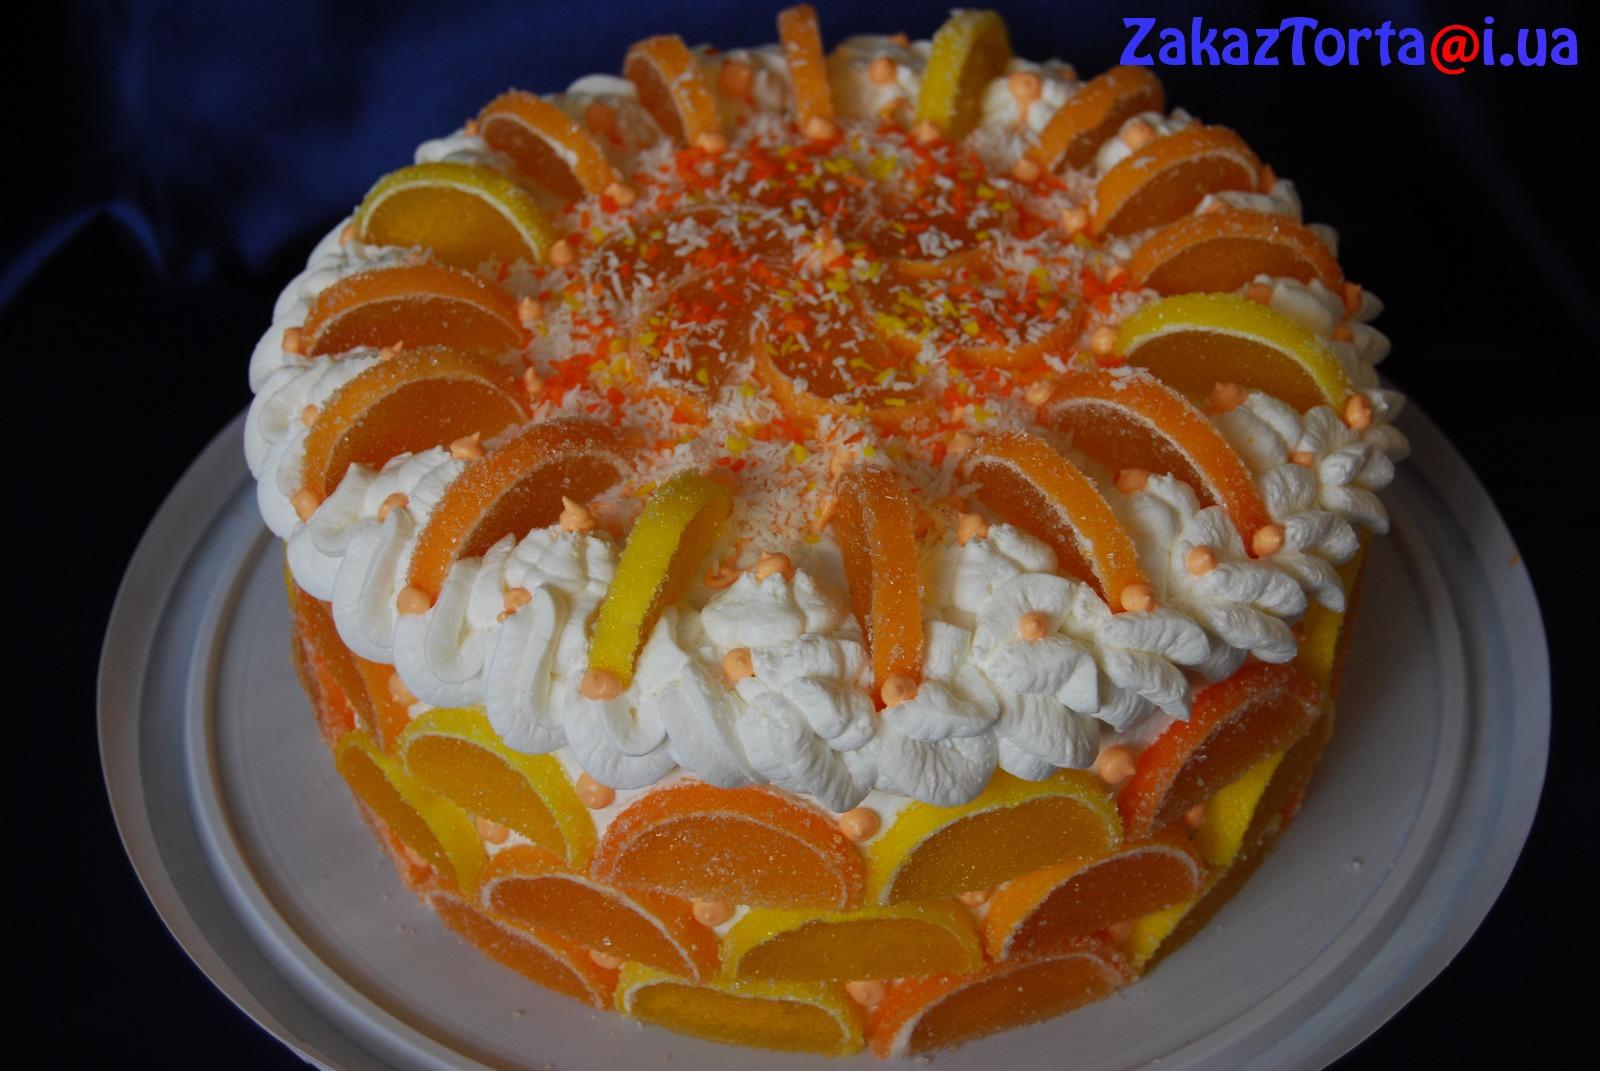 Йогуртовый крем для торта с желатином рецепт